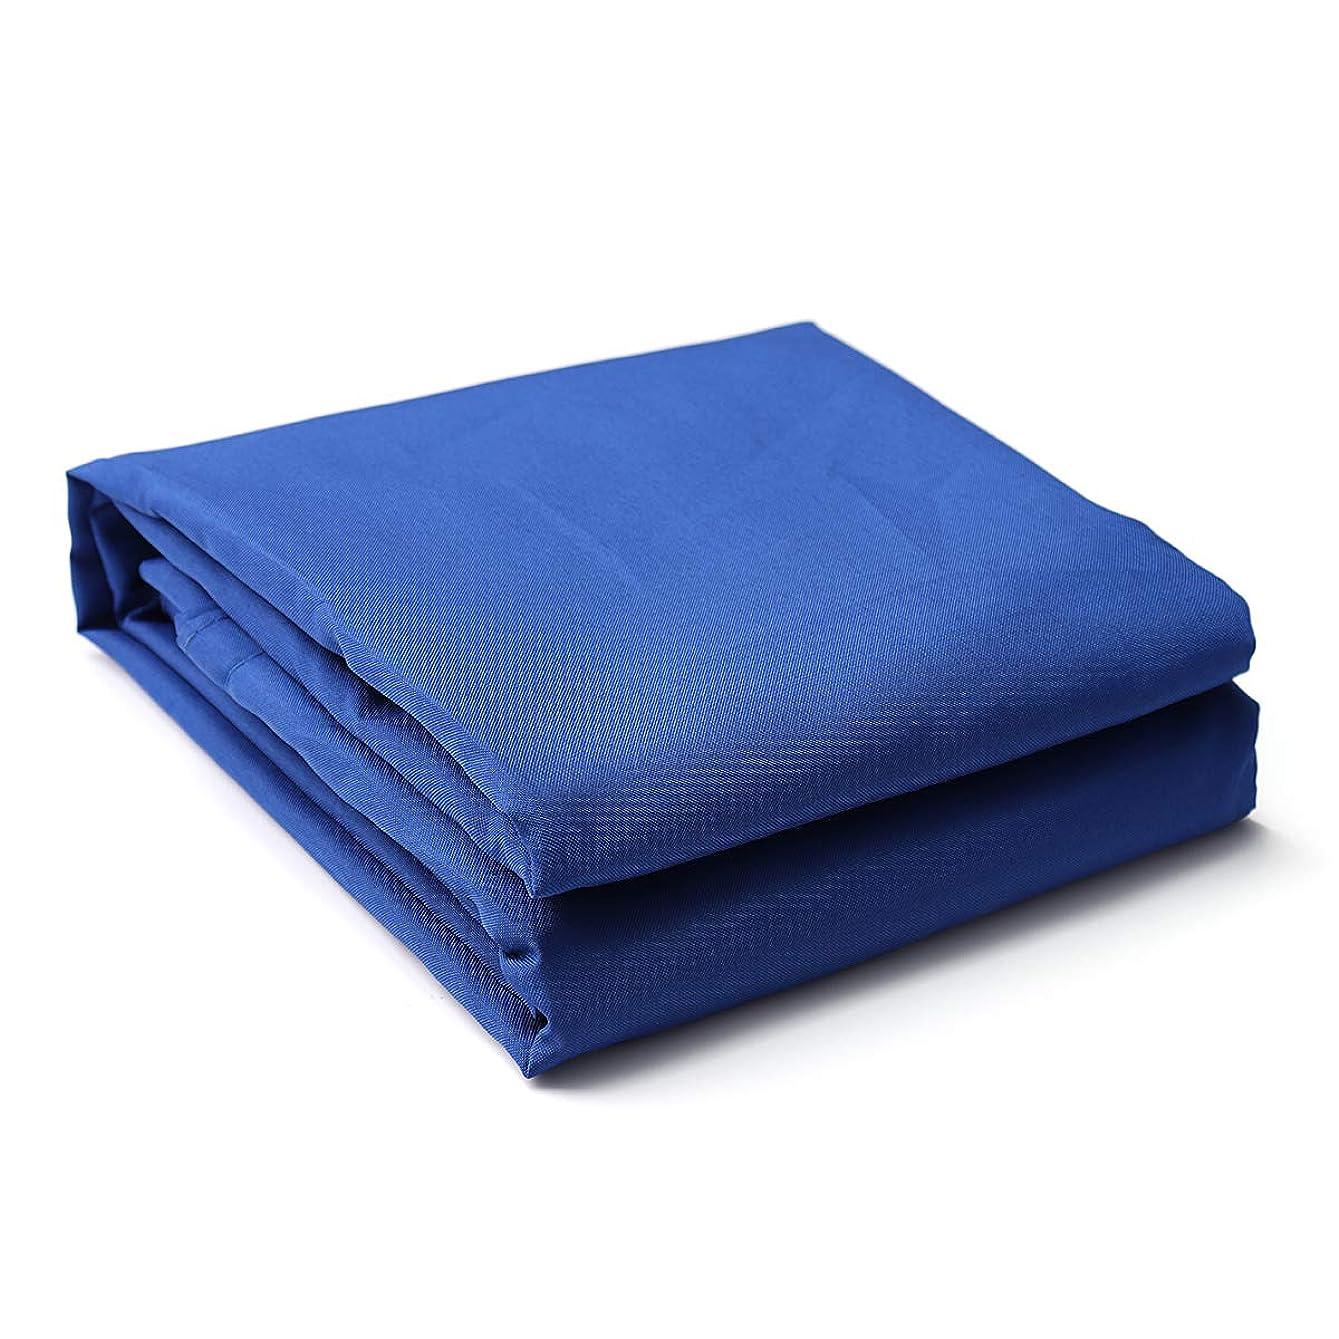 証明書地獄レギュラーKING DO WAY 95%UVカット サンシェード 日除け シェード #高品質ナイロン 160g 長方形ブルー300D 200x400cm